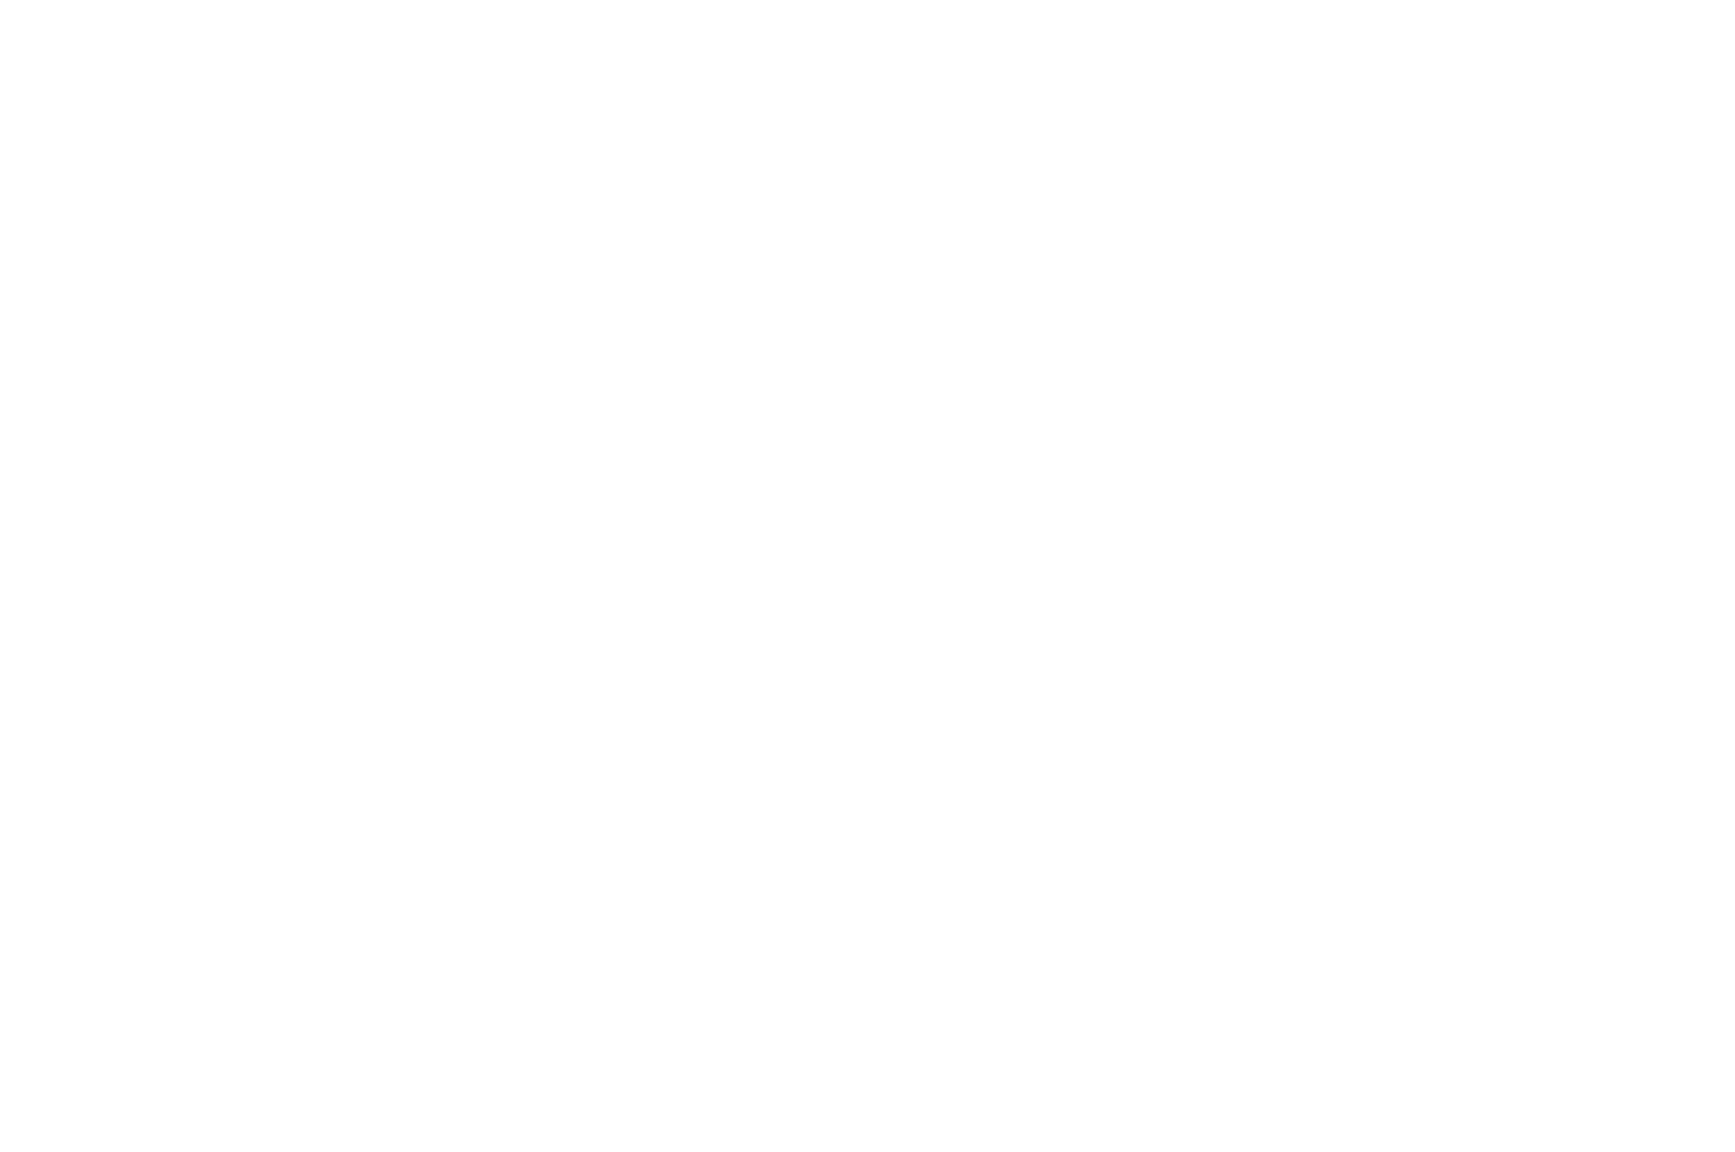 White - OFFICIAL SELECTION - WorldFest-Houston International Film  Video Festival - 2019.png